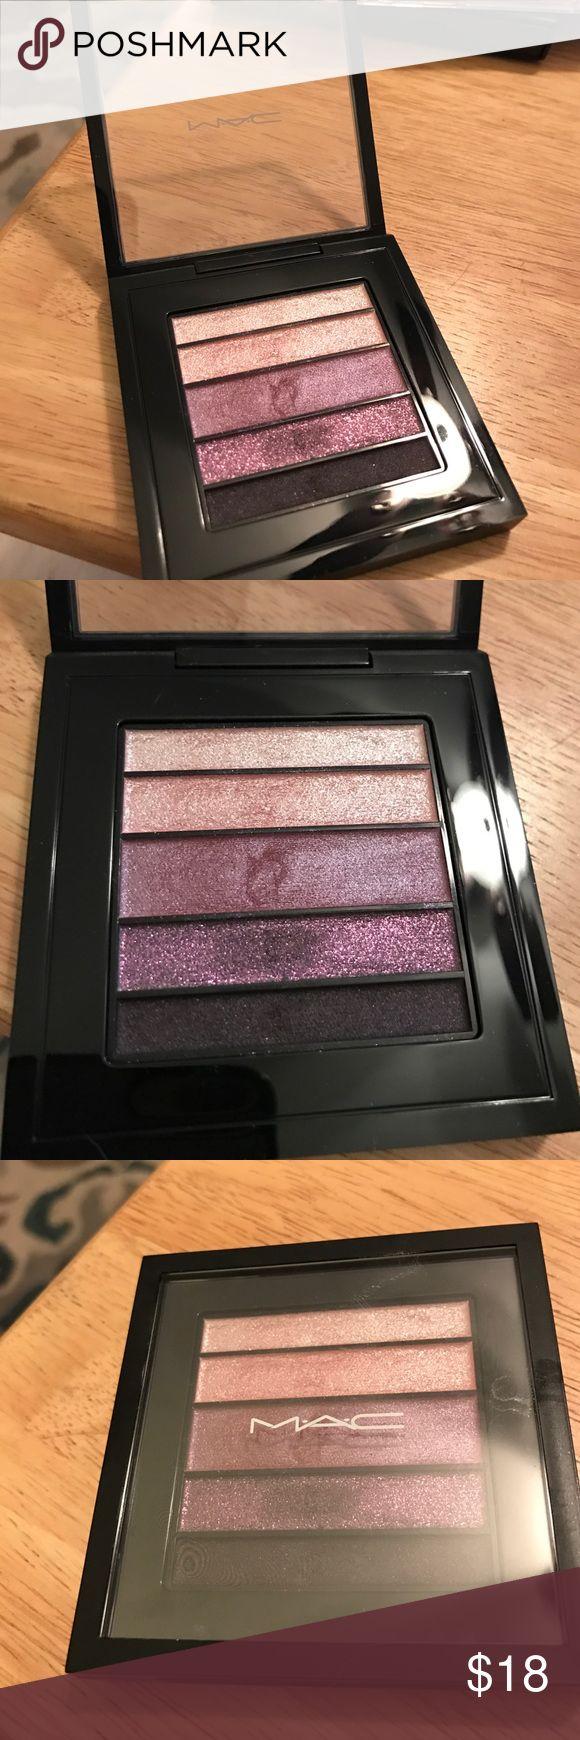 MAC pinkluxe pearlfusion eyeshadow palette MAC pinkluxe pearlfusion eyeshadow palette. Includes 5 eyeshadows. Used once. MAC Cosmetics Makeup Eyeshadow